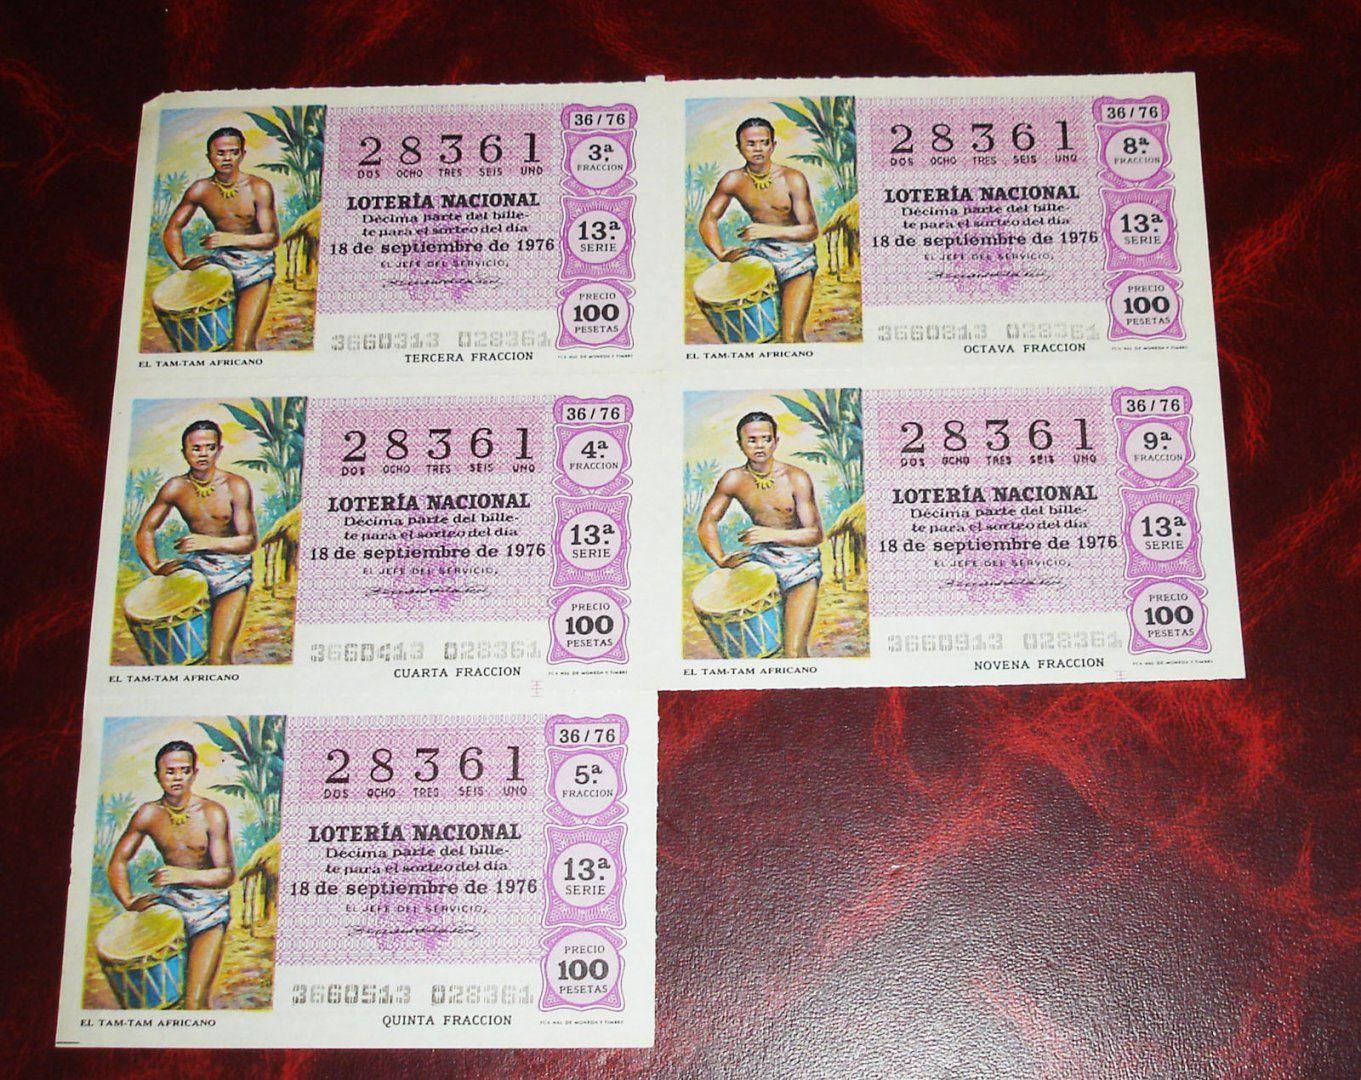 3,00€ · Loteria nacional -el tam tam africano-1976 · año 1976 -el tam tam africano    100 ptas 36/76     bloque de cinco decimos     precio el bloque      GASTOS ENVIO INCLUIDOS  nacional · Aficiones y ocio > Coleccionismo > Loterías